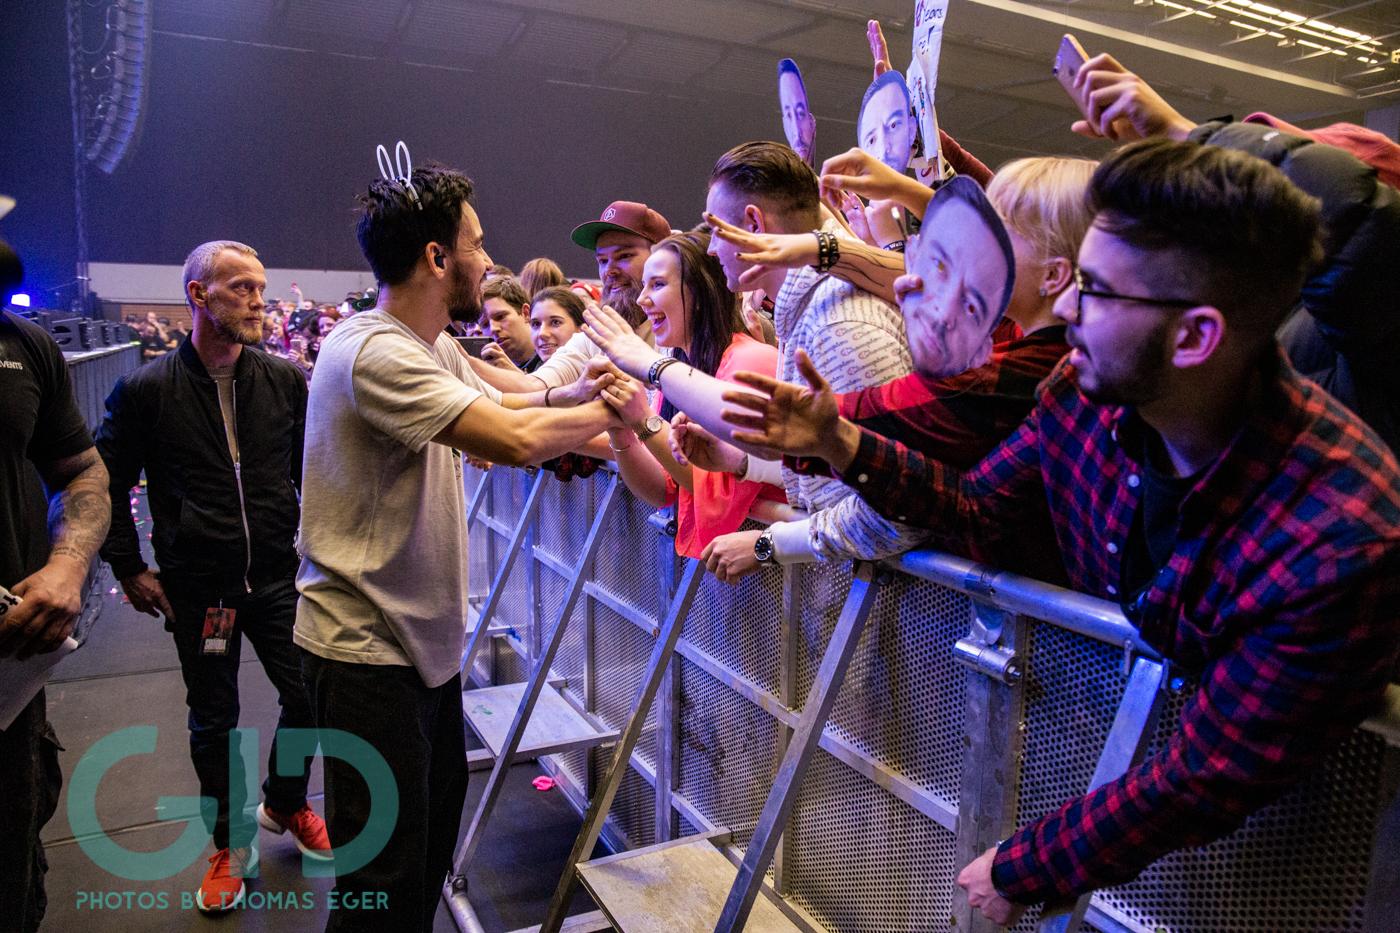 Mike-Shinoda-Hamburg-08.03.19-121